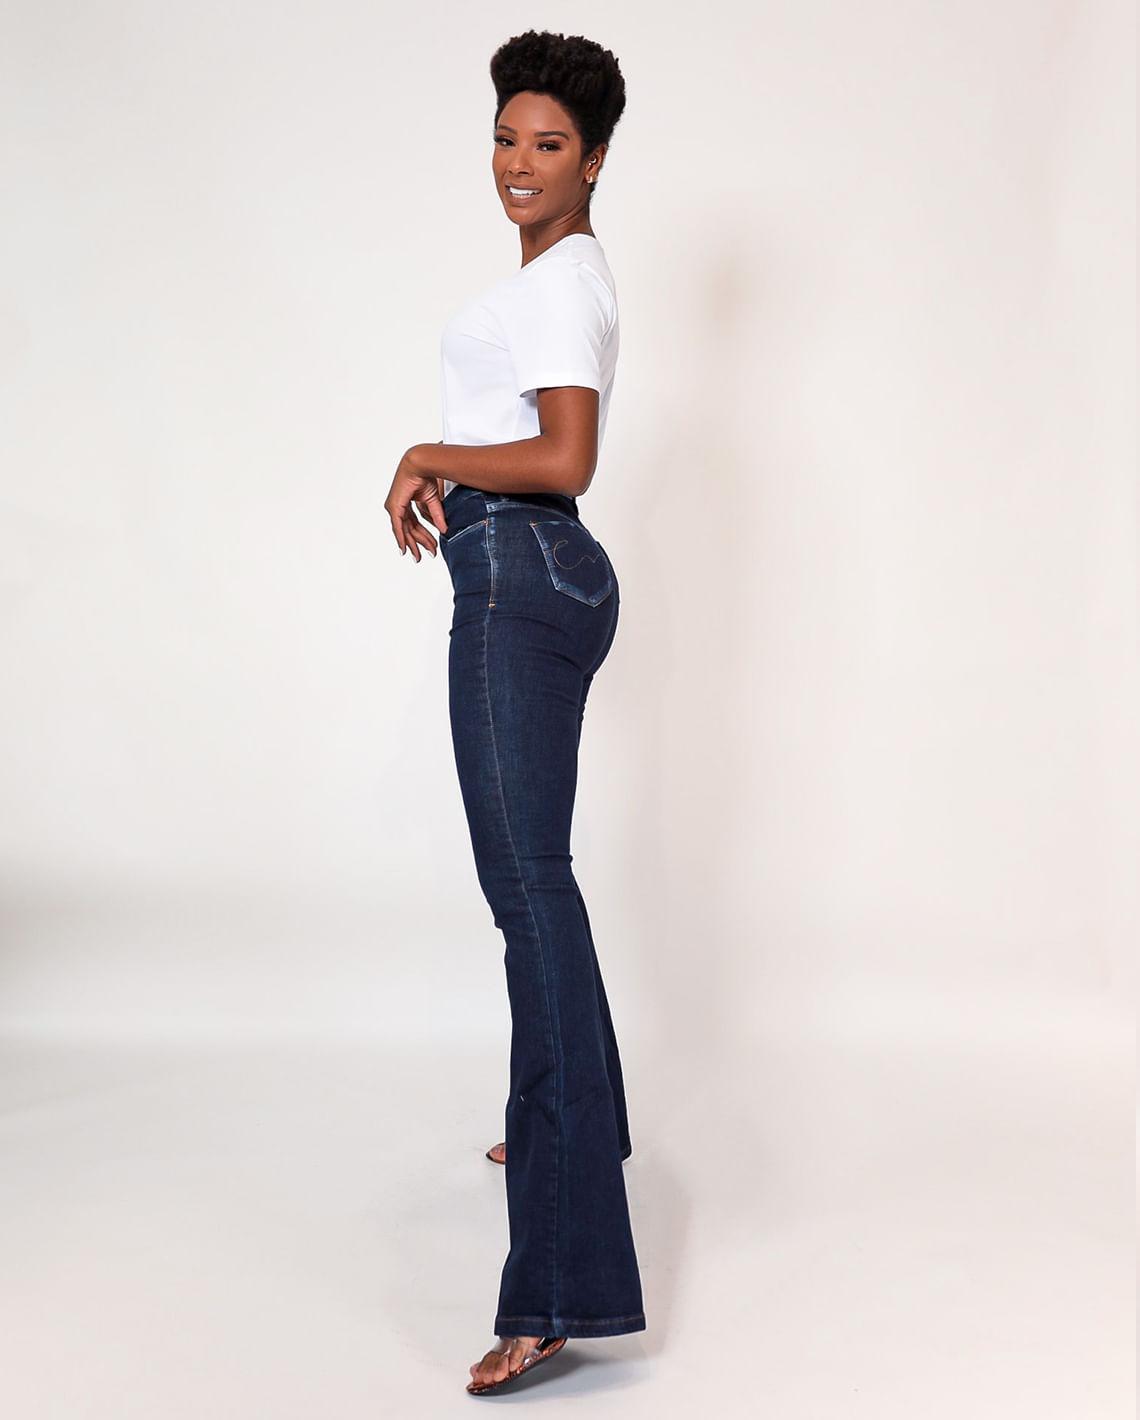 Calça Flare Jeans - Ideal Para Mulheres Altas Cns 20652